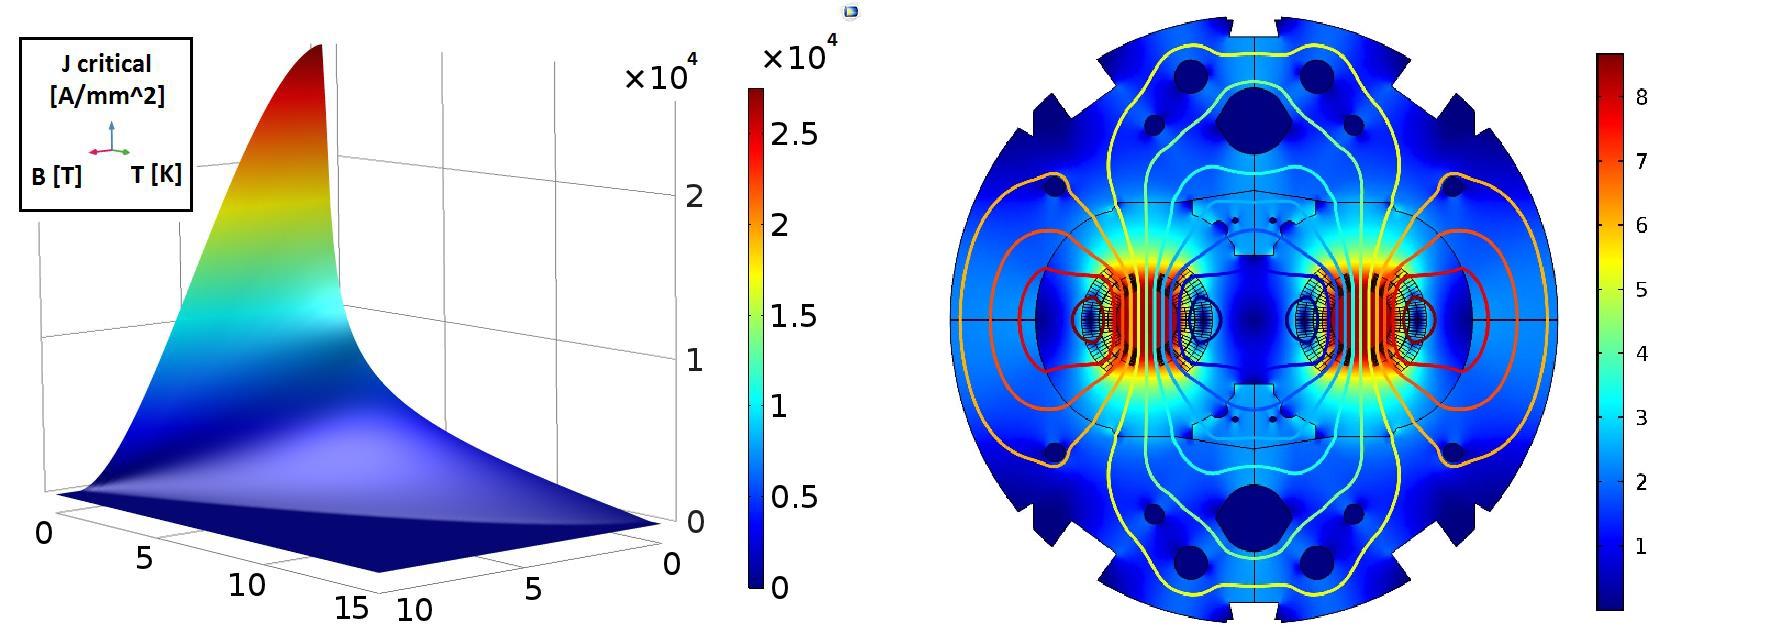 Анализ срывов сверхпроводимости магнитов Большого адронного коллайдера в CERN - 4